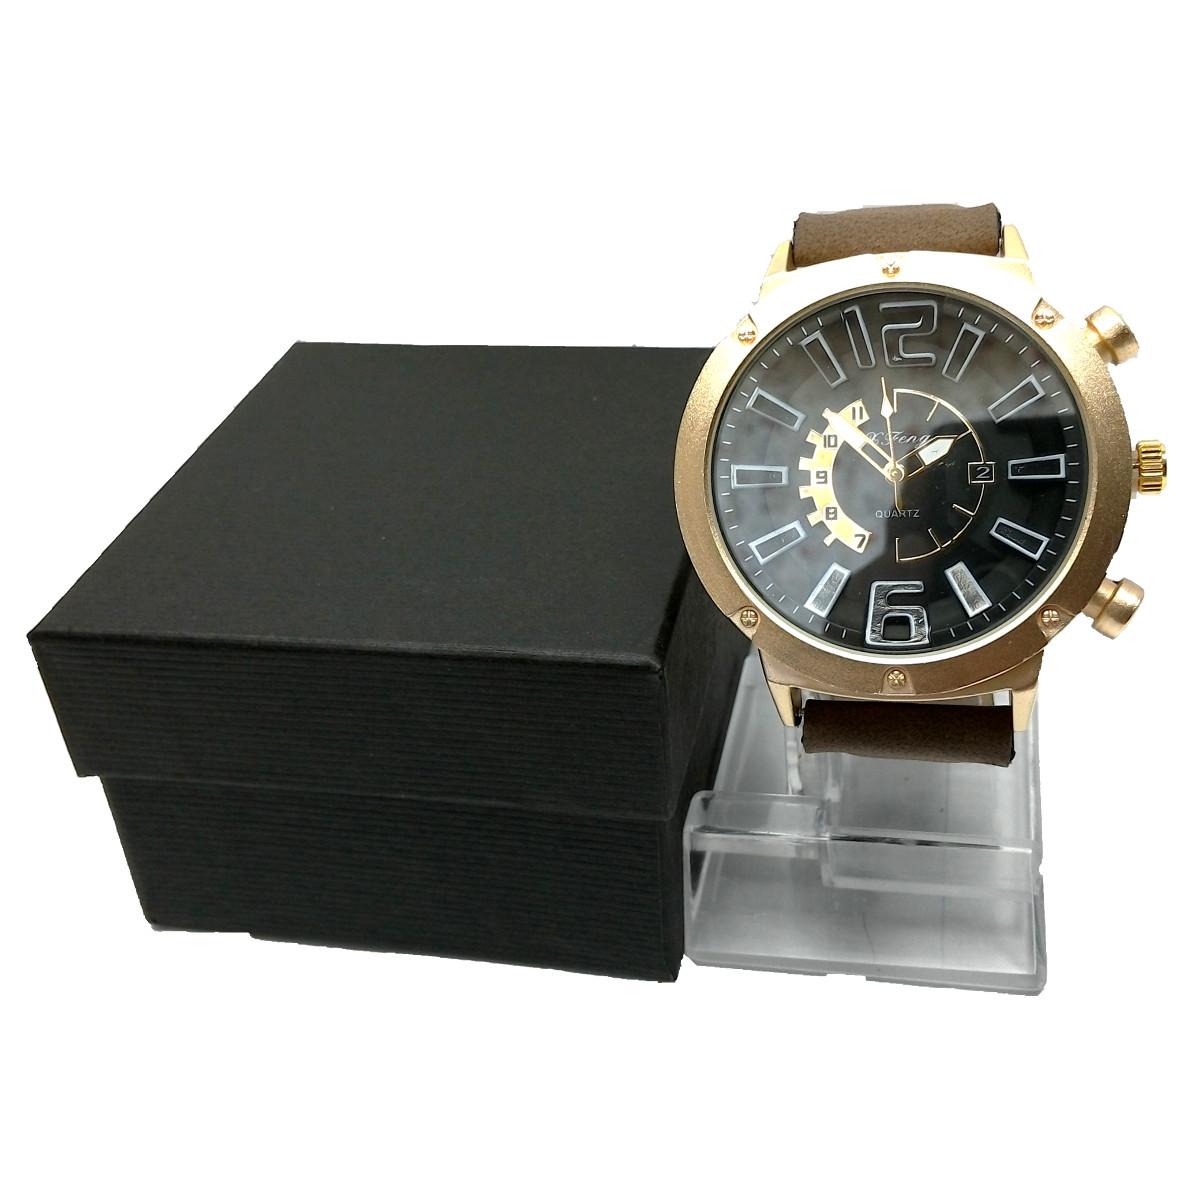 นาฬิกาข้อมือ แฟชั่น หน้าใหญ่สุดเท่ห์